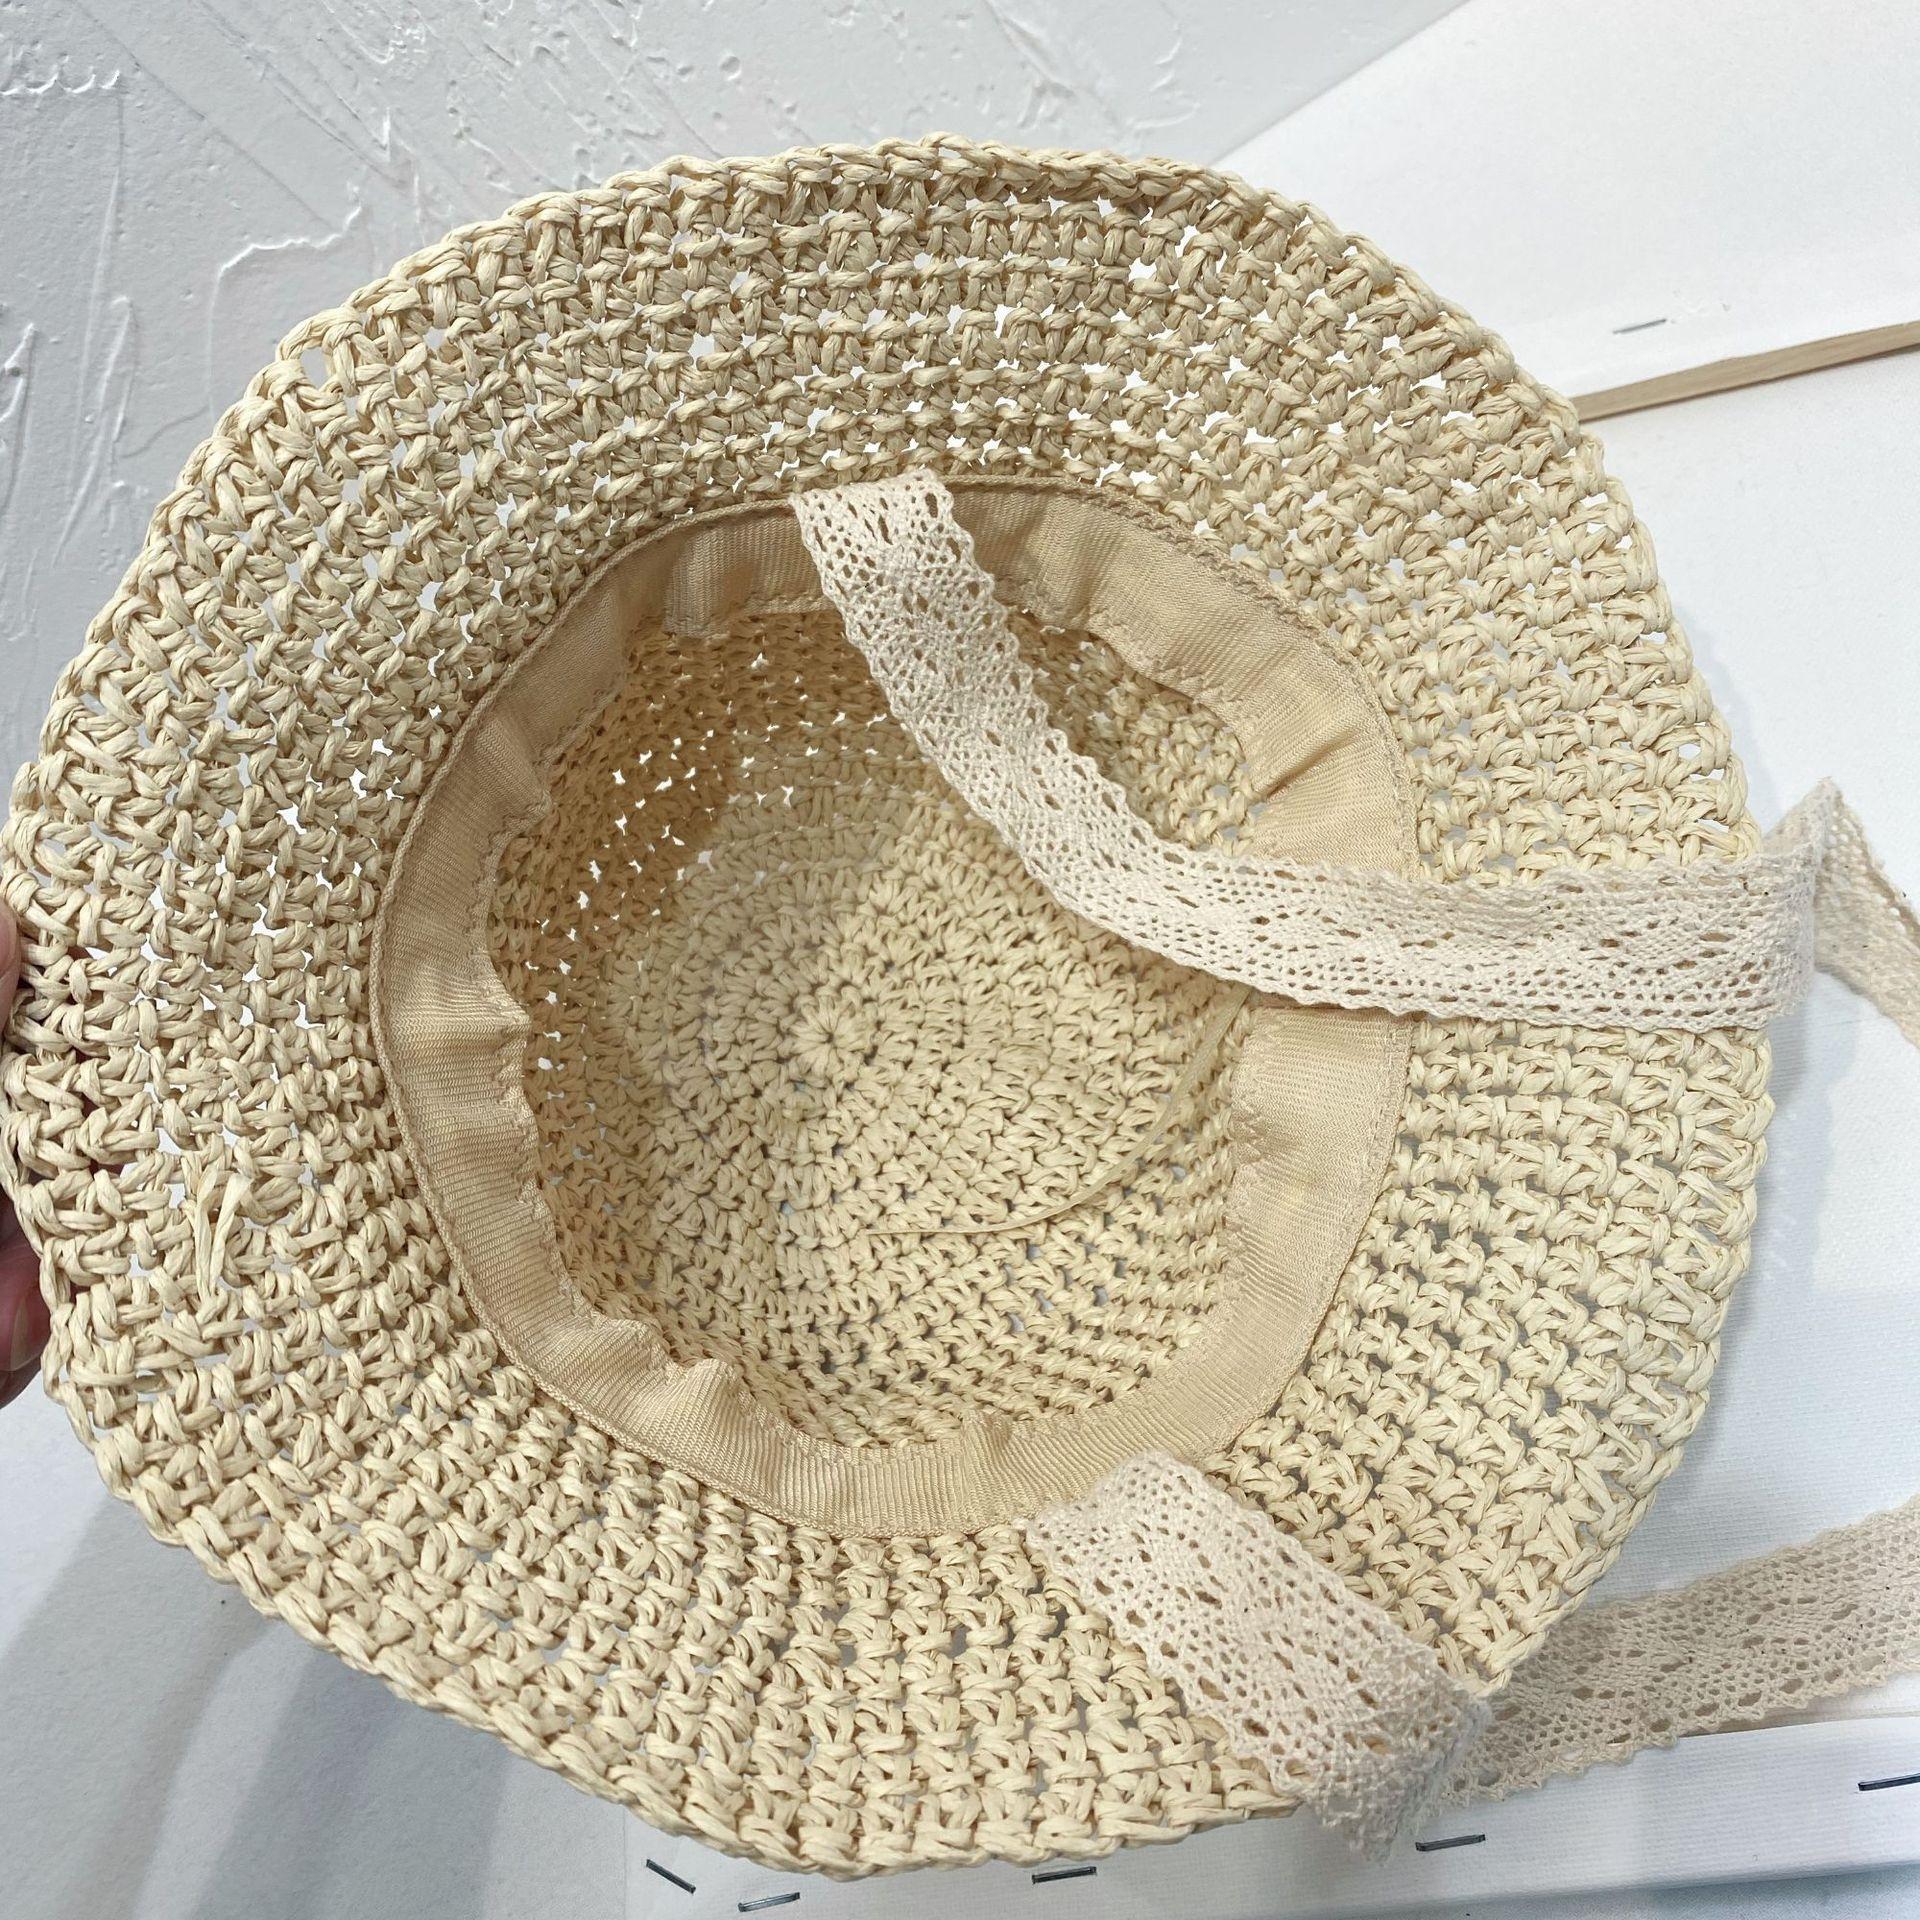 LsNsB Verão estilo bebê do sexo masculino e feminino palha artesanal da Coréia balde pescador palha balde su Daisy pescador chapéu de praia guarda-sol infantil